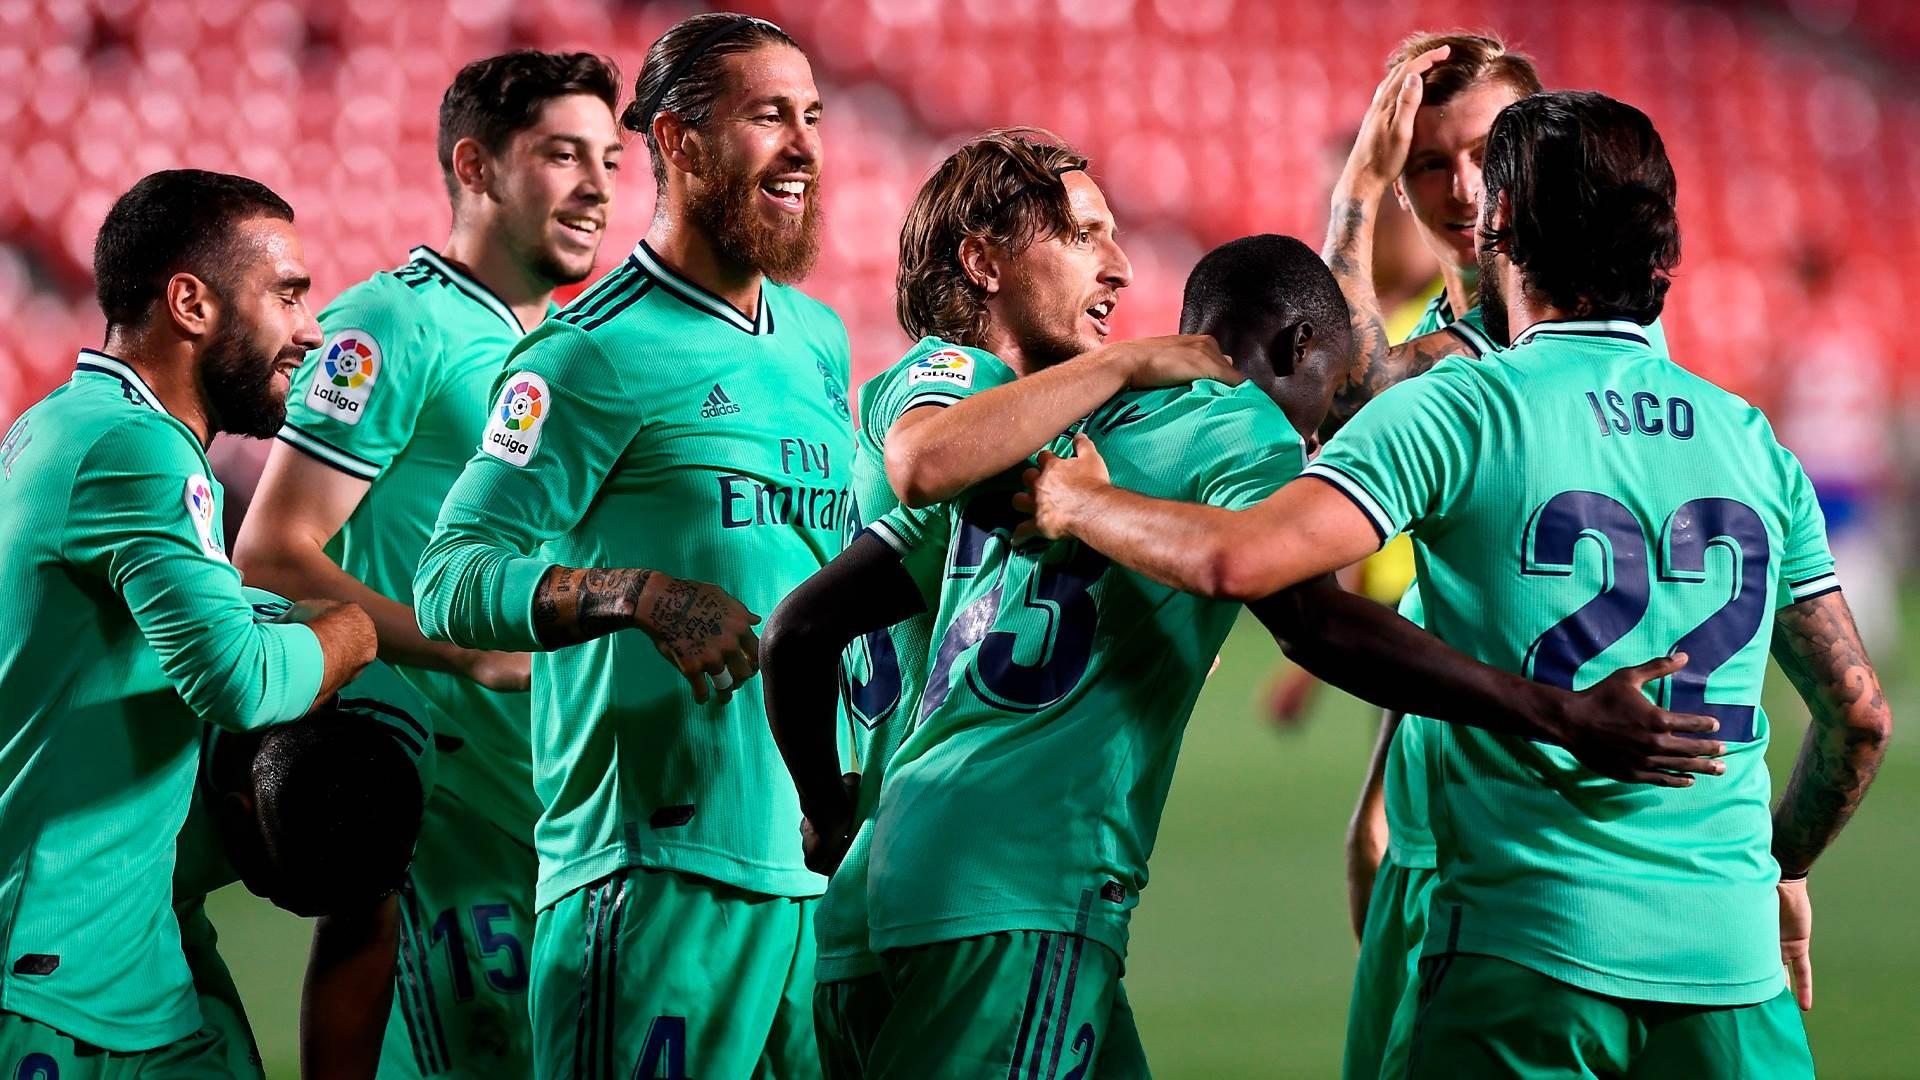 لاعبو ريال مدريد يحتفلون بهدف مندي (تويتر)